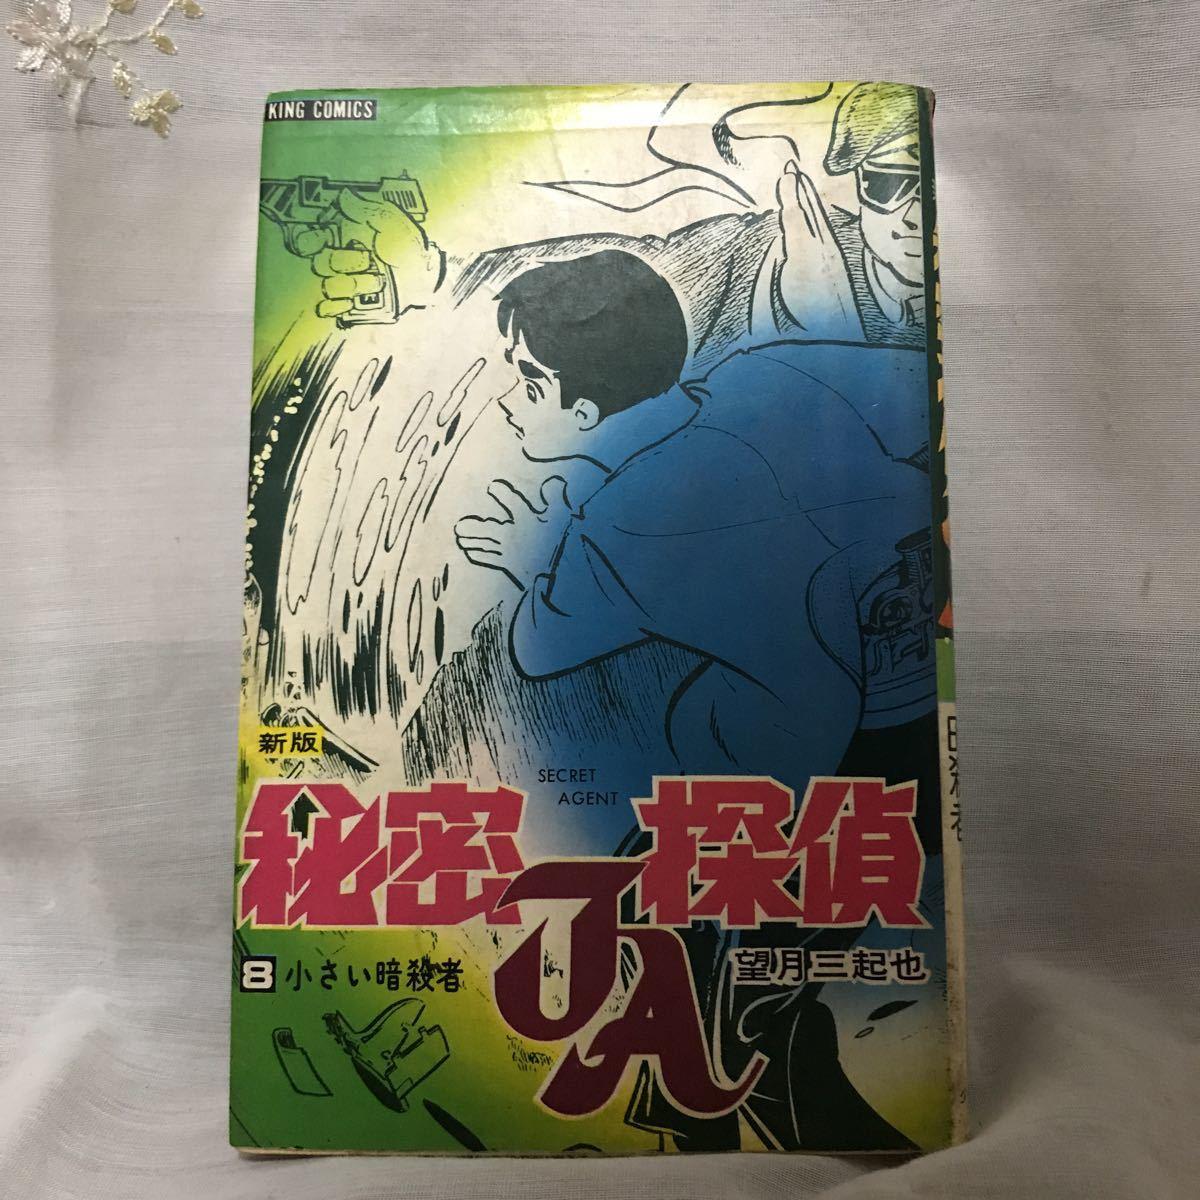 最新版 秘密探偵JA 8巻 望月三起也(著者) 少年画報社 新書版_画像1